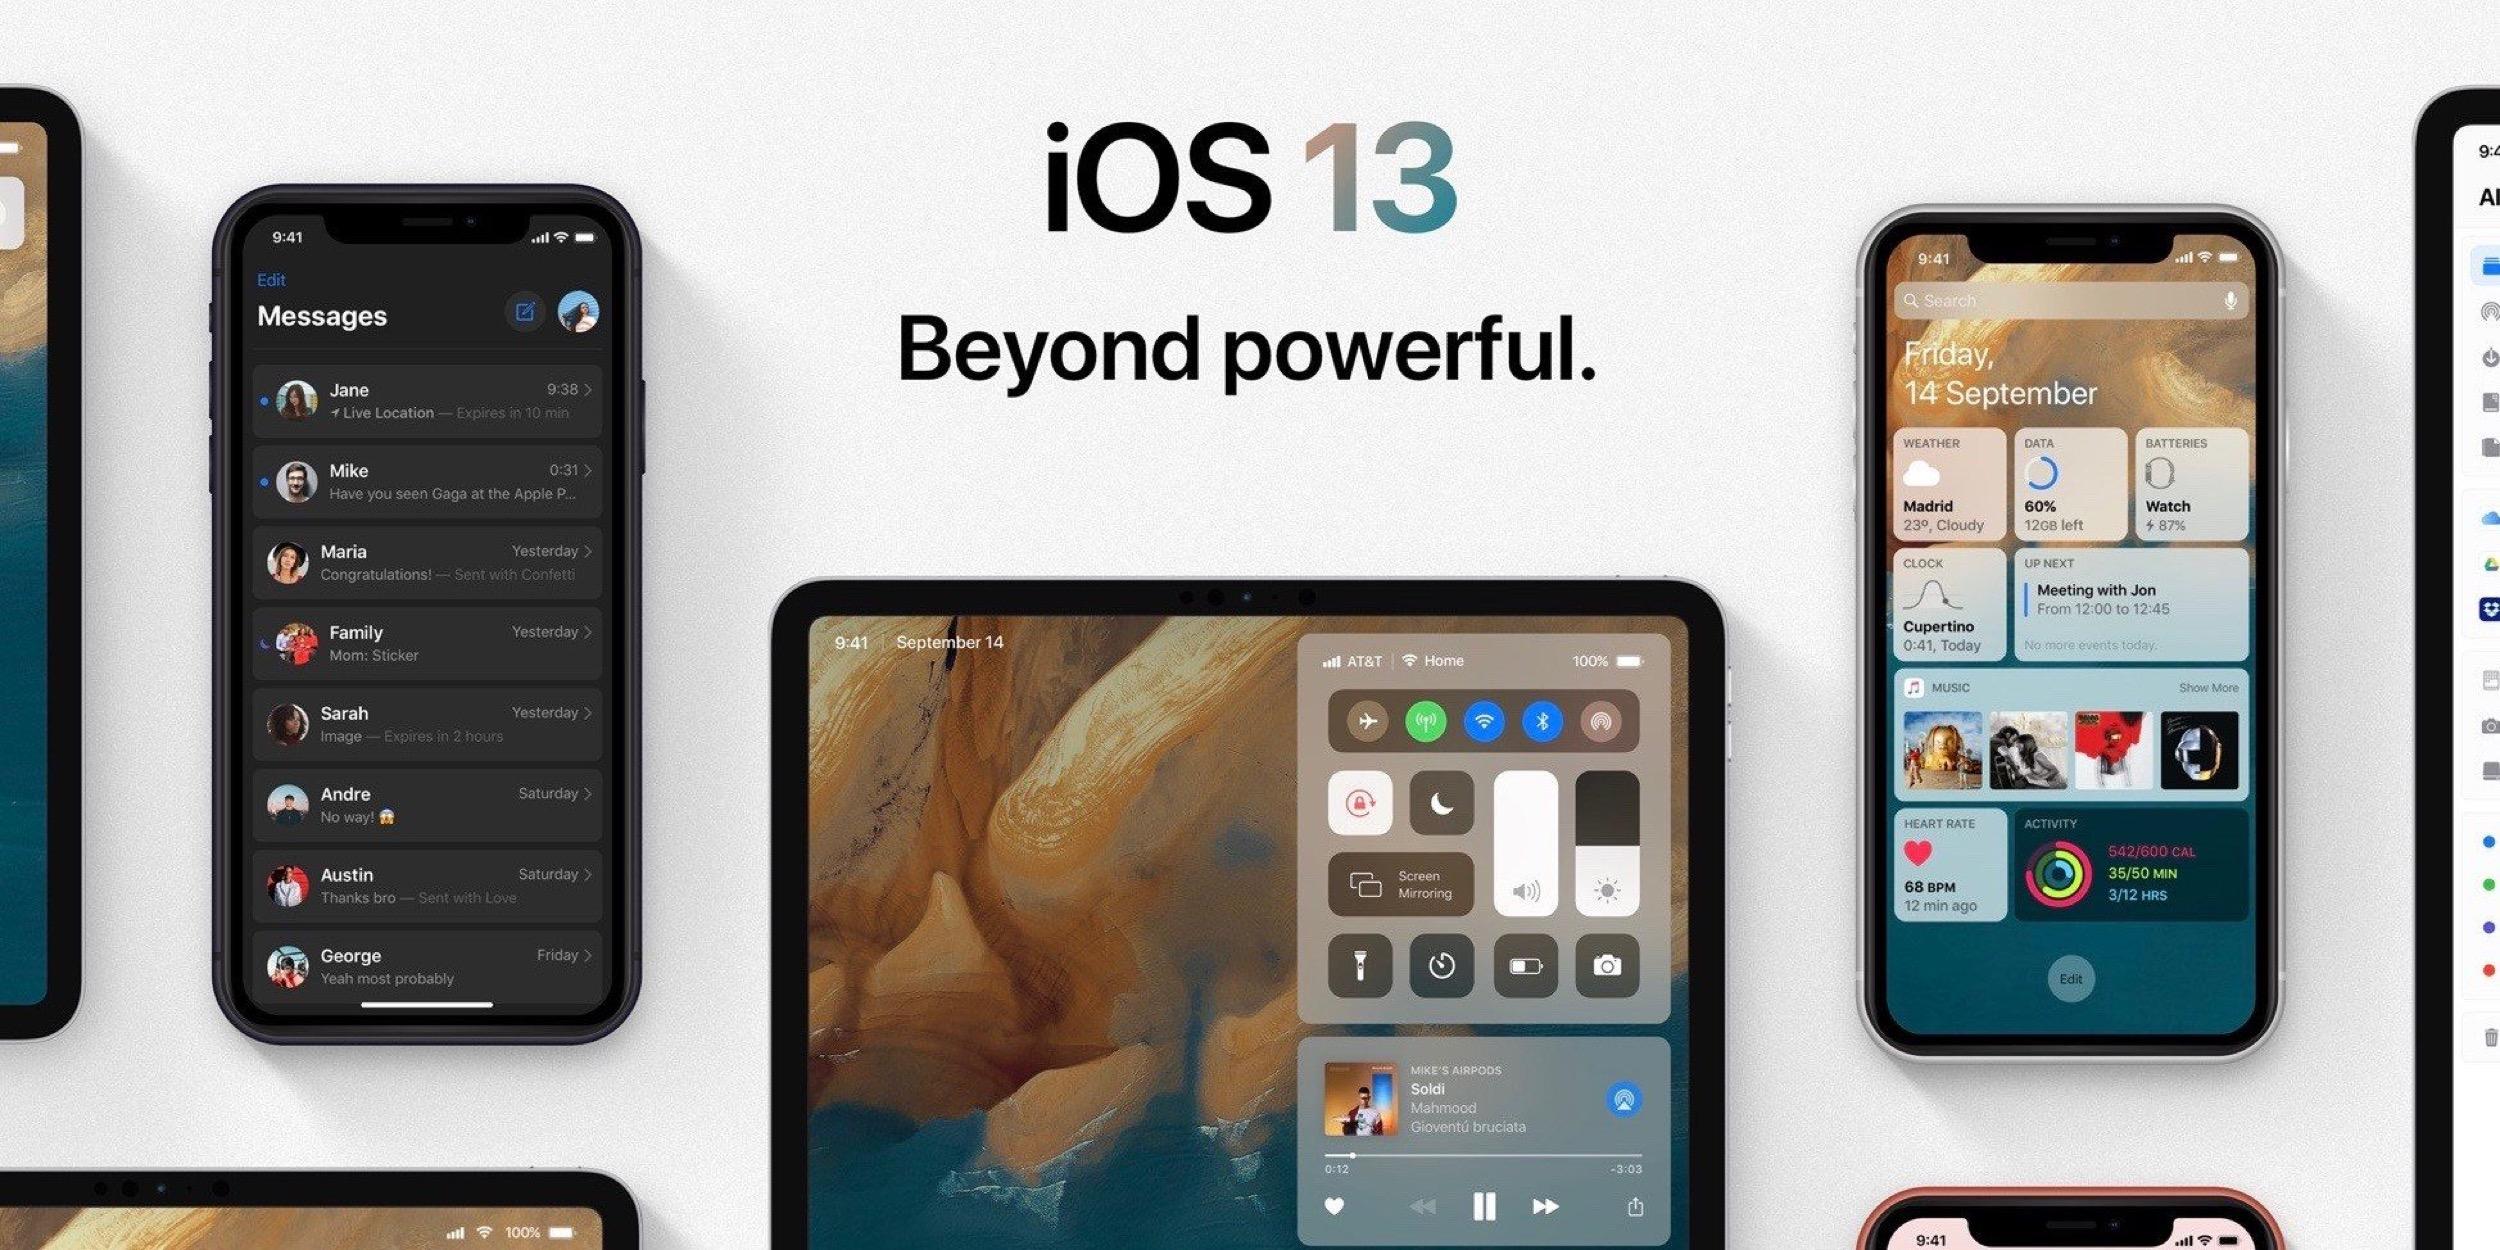 Superbe concept pour tenter de visualiser les changements annoncés pour iOS 13 (et ... plus) 1